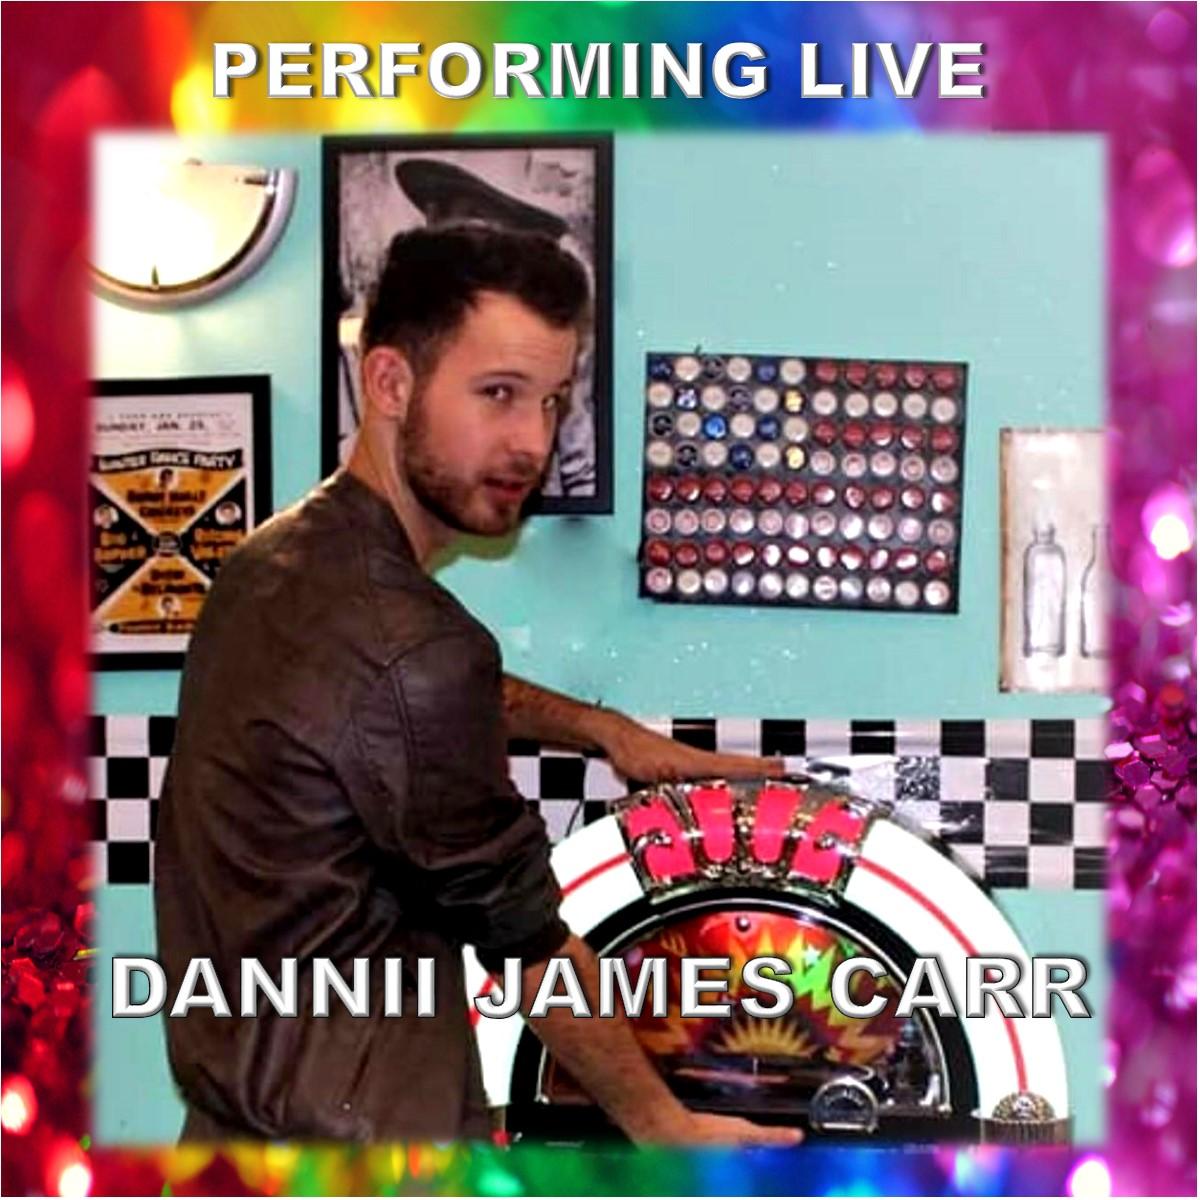 Danni Carr